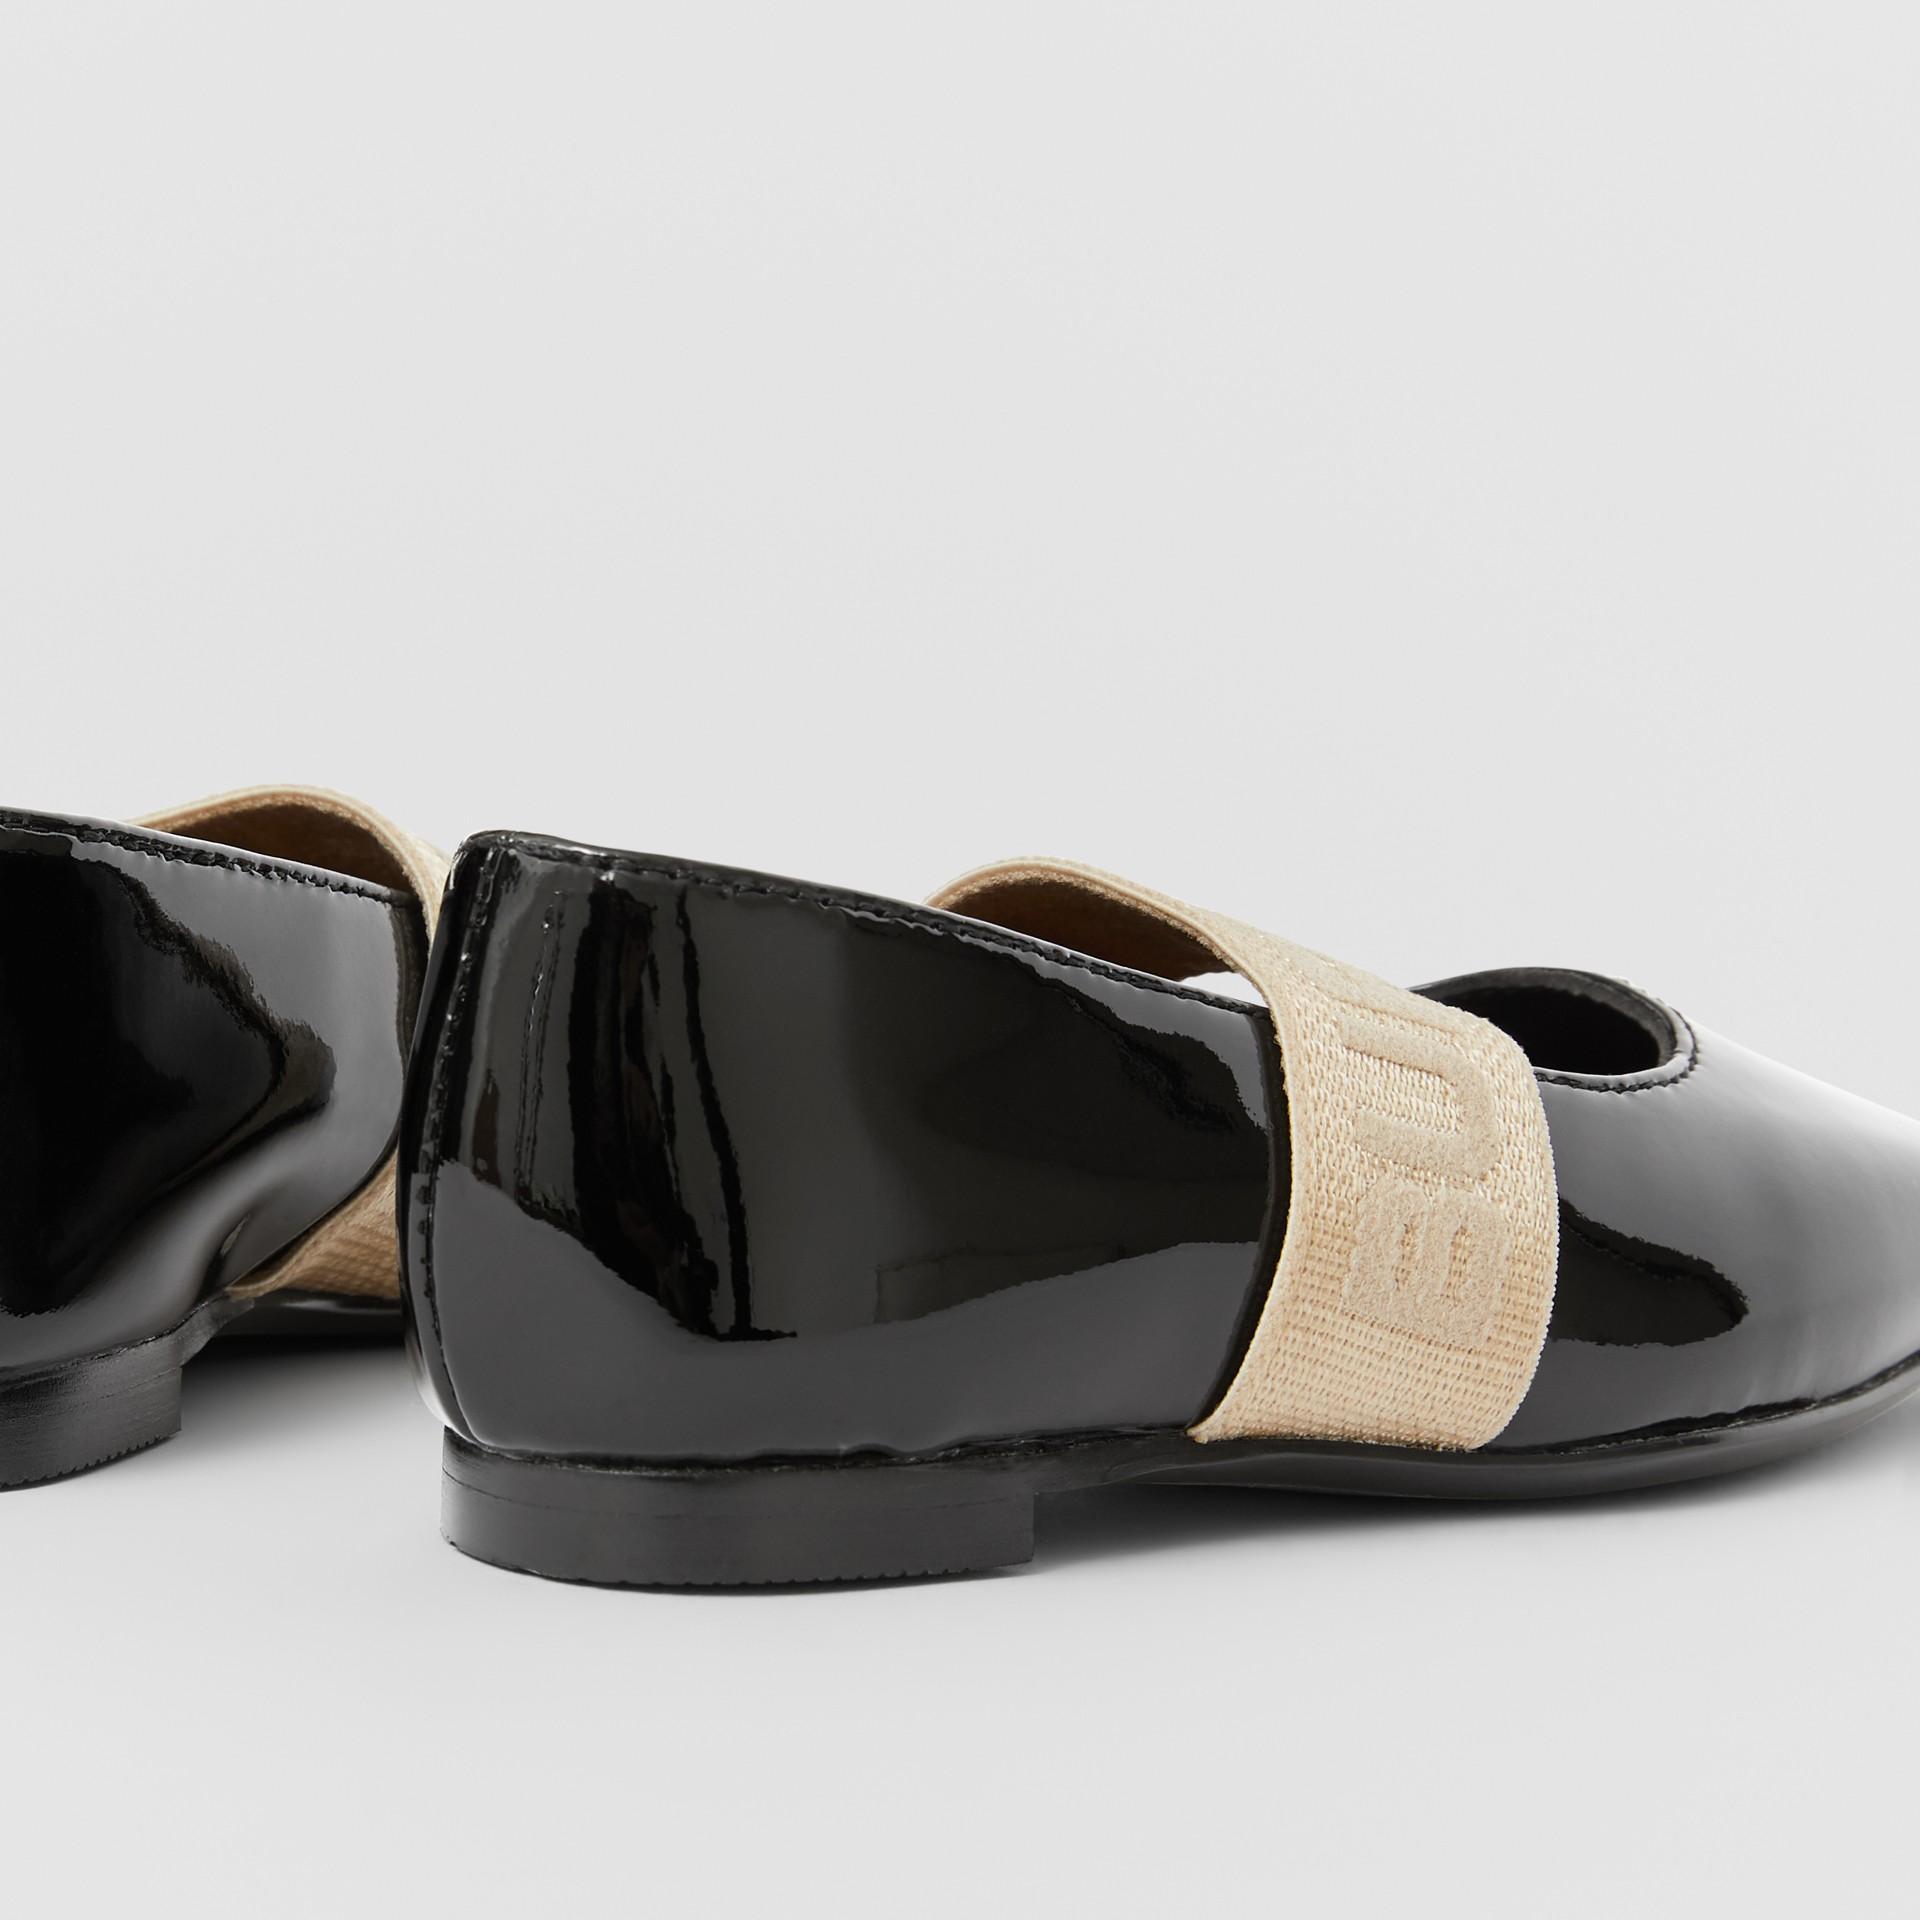 Scarpe basse in pelle verniciata con logo (Nero) - Bambini | Burberry - immagine della galleria 1